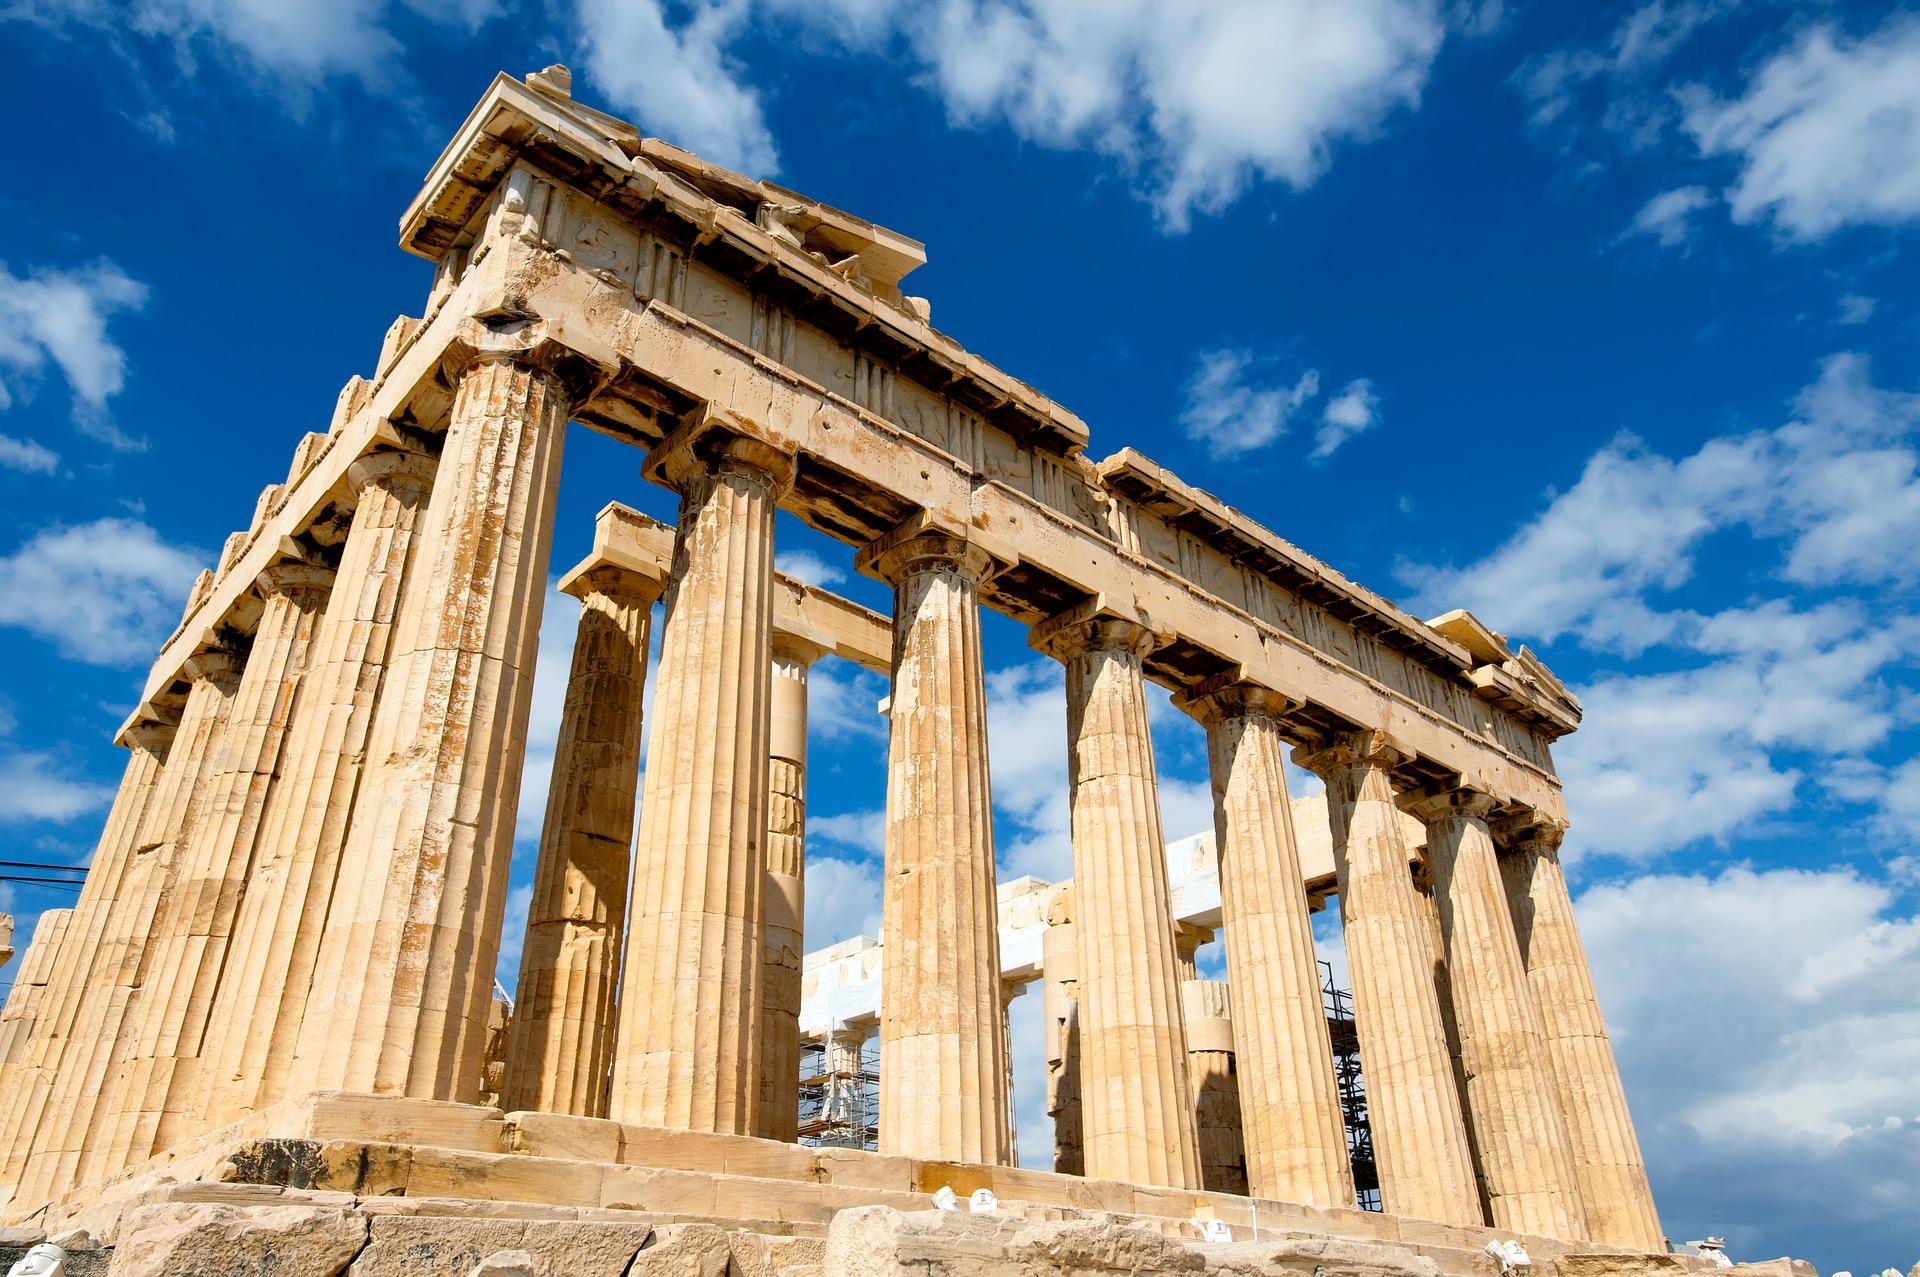 Amazing view on Parthenon in Athen, Greece